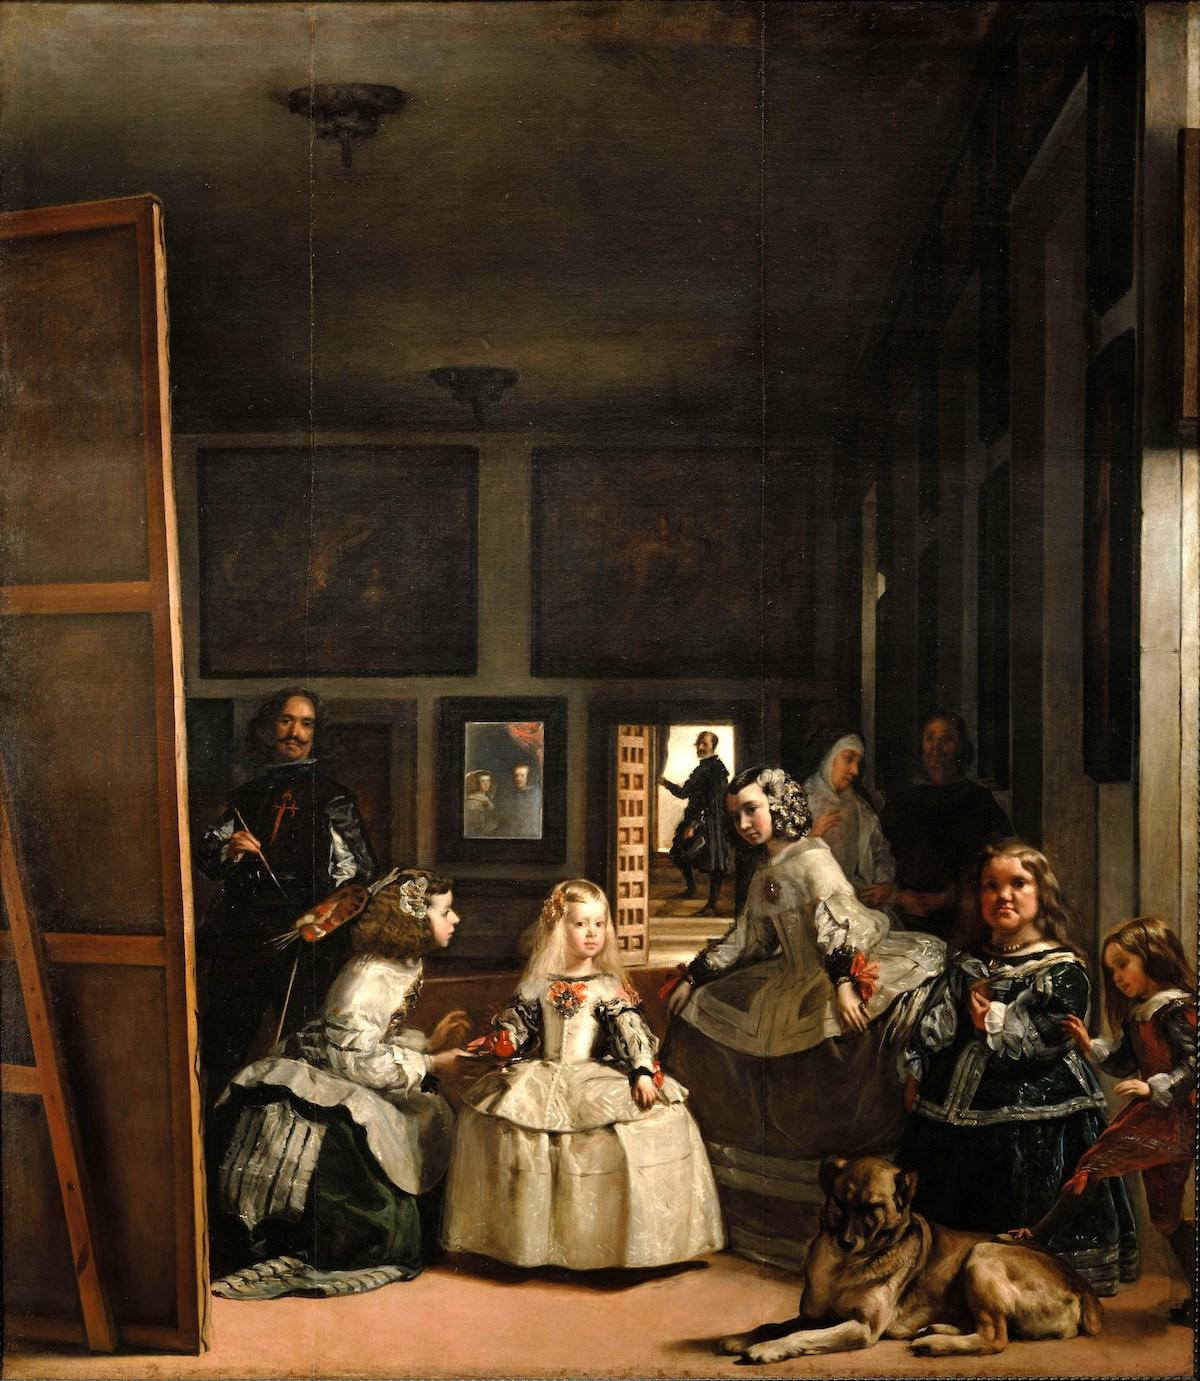 Las Meninas, óleo sobre lienzo de Diego Velázquez, que representa a la familia real española en el siglo XVII.